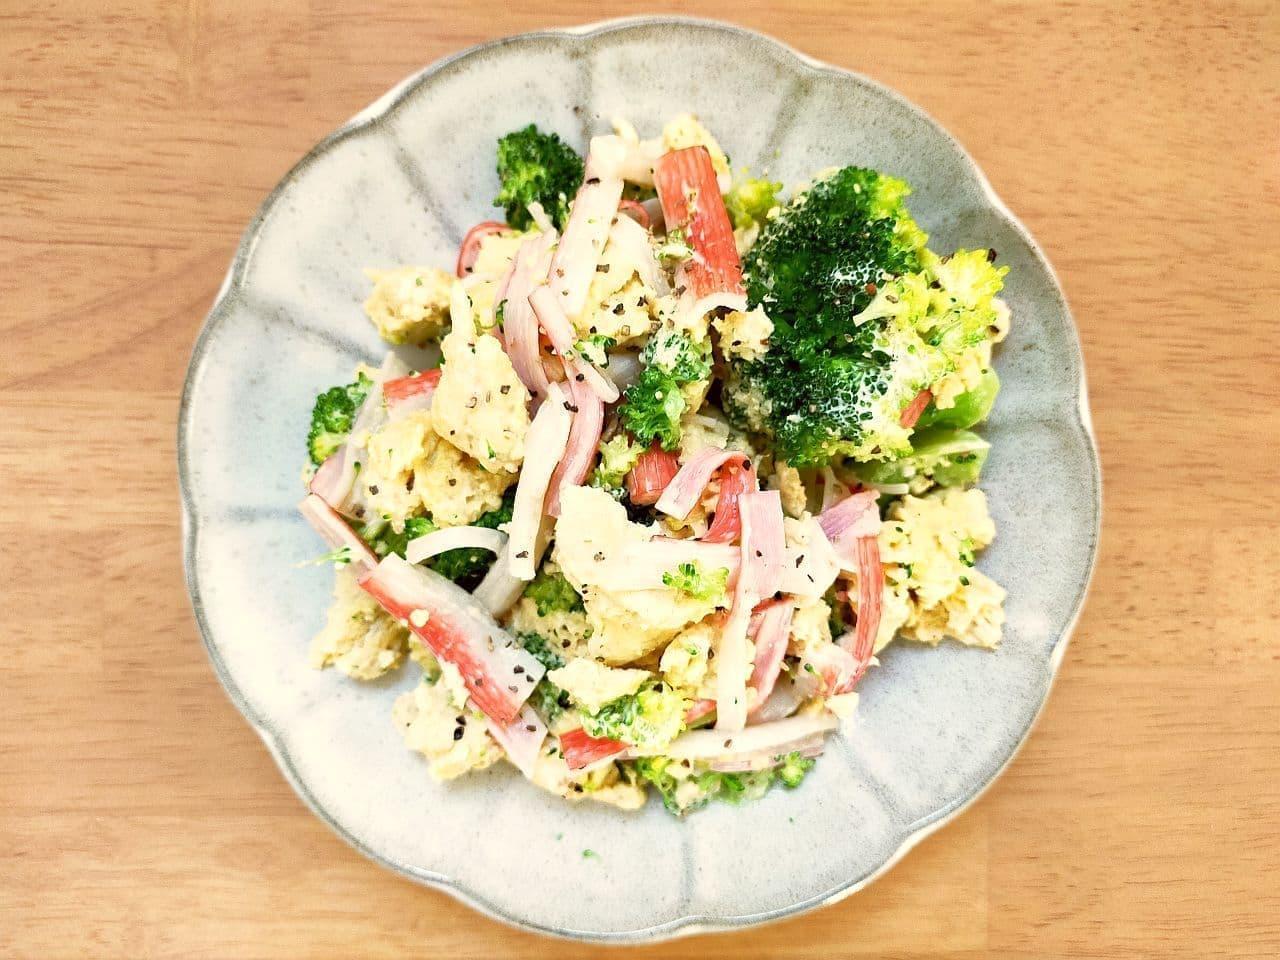 「ブロッコリーかにかまサラダ」のレシピ